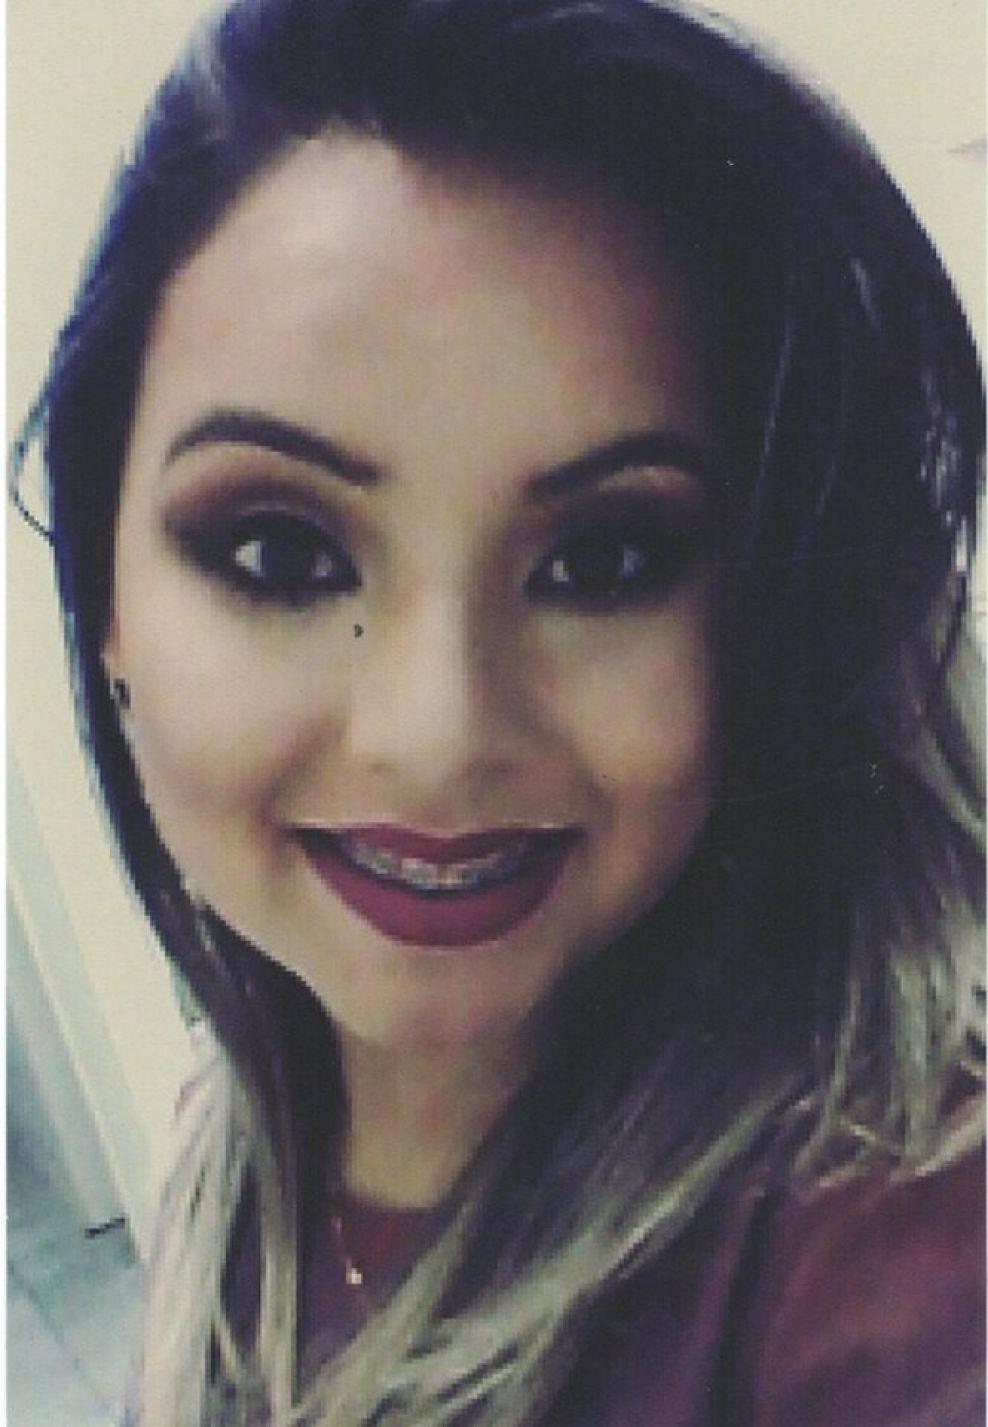 Myllena Vanessa Cabral Lima - 17 Anos - Representa: Esportiv